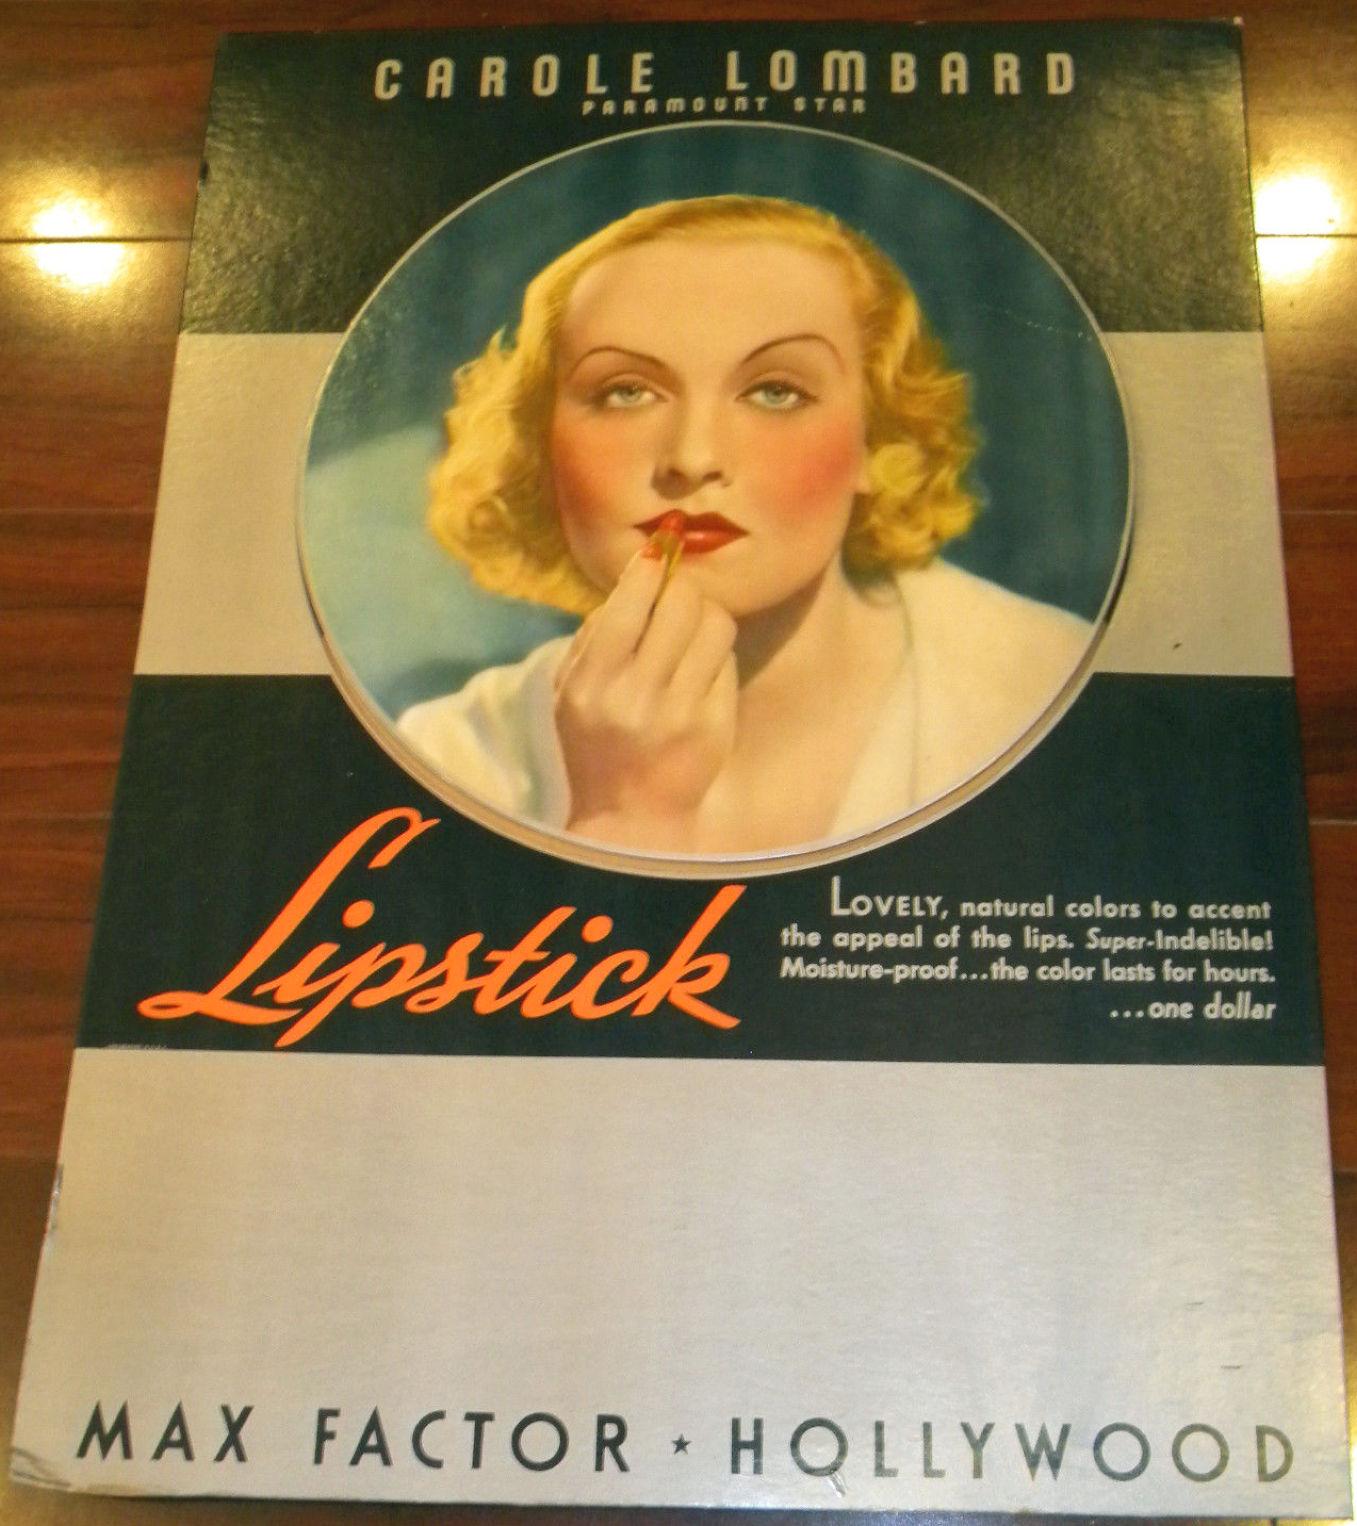 carole lombard max factor lipstick 00a